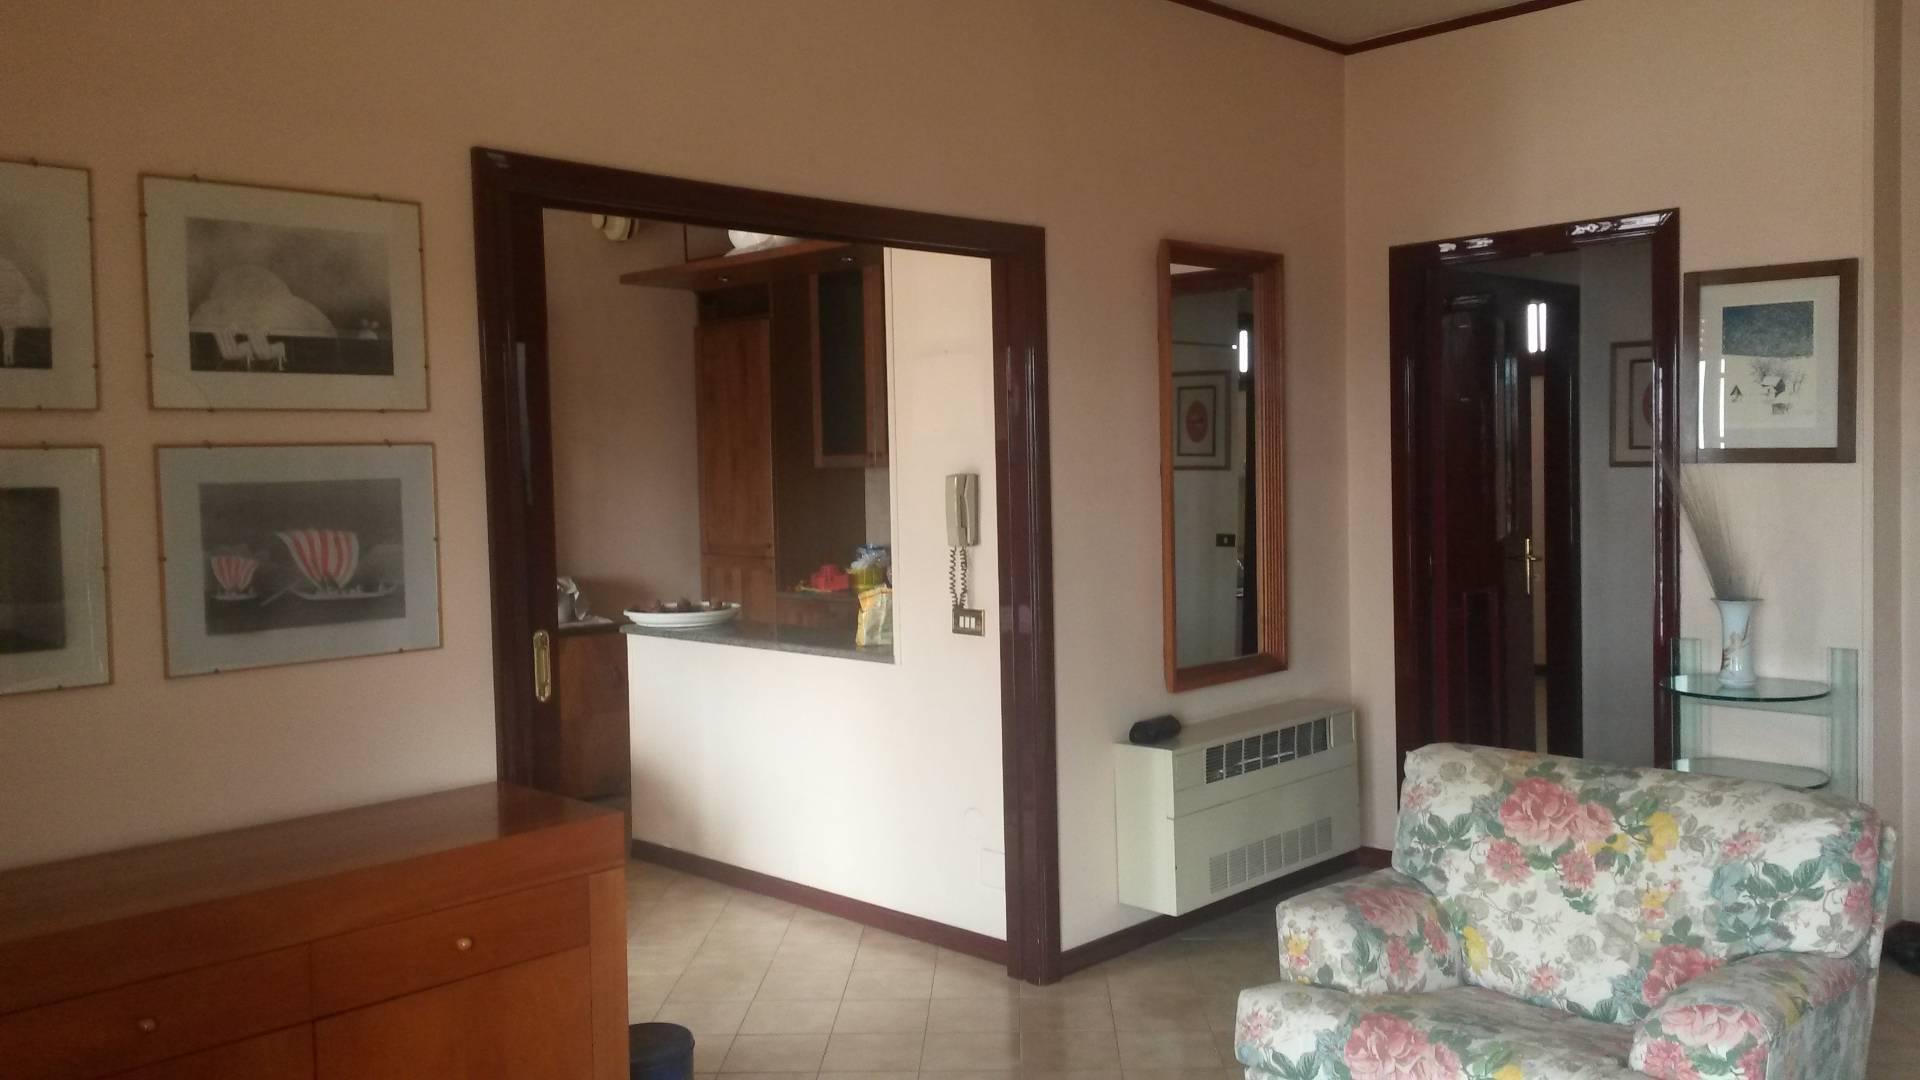 Appartamento in vendita a San Giuseppe Vesuviano, 5 locali, prezzo € 85.000 | CambioCasa.it